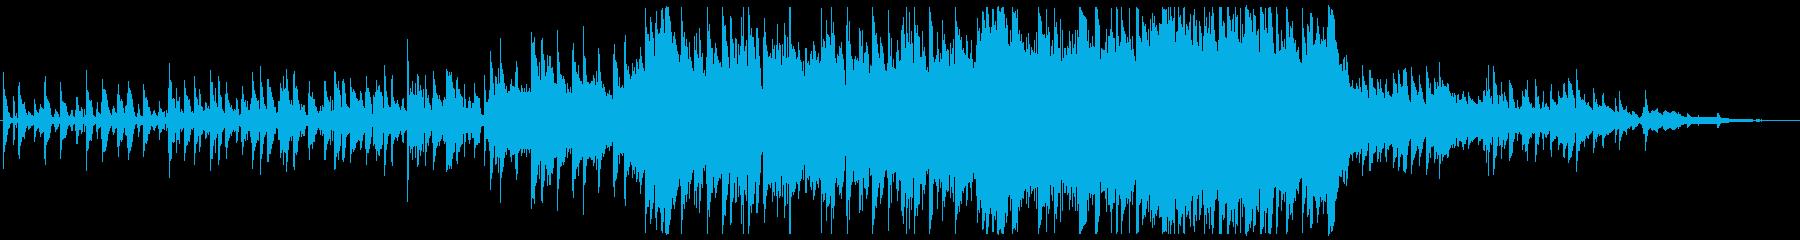 アコギが晴れやかな弦楽オーケストラの再生済みの波形